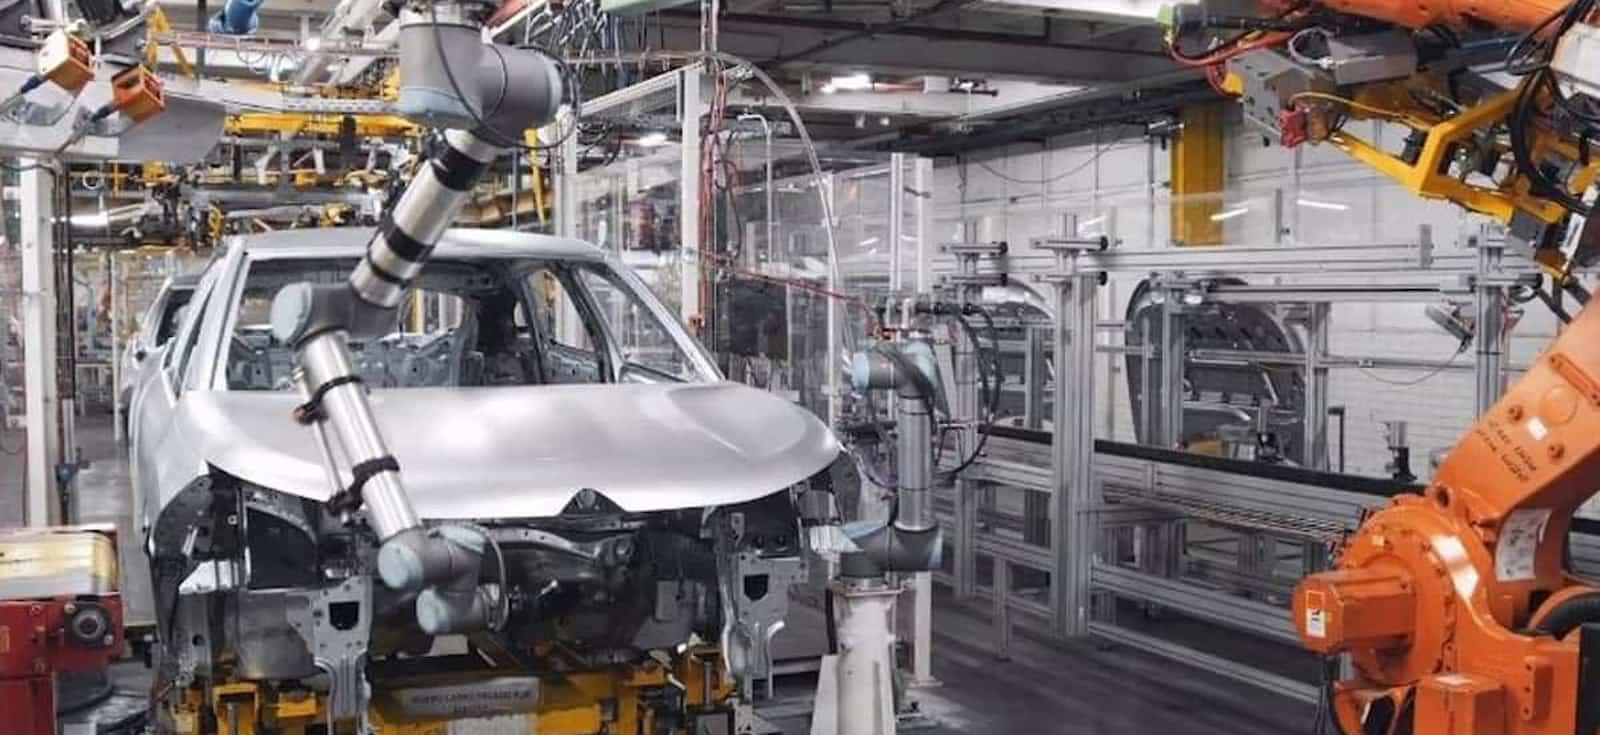 Sectores clave de producción industrial